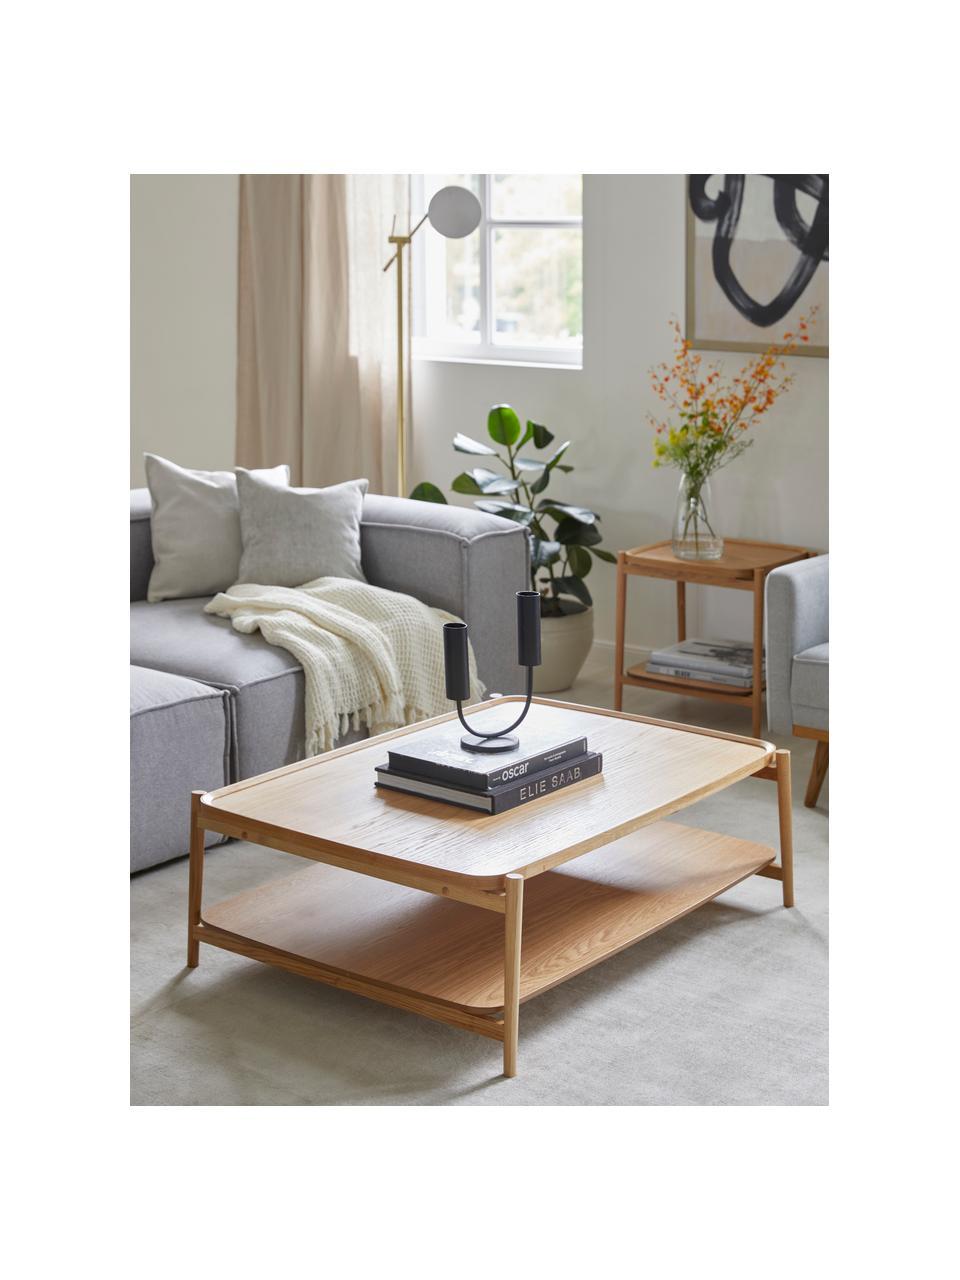 Stolik kawowy z drewna dębowego Libby, Blat: płyta pilśniowa średniej , Stelaż: lite drewno dębowe, lakie, Drewno dębowe, S 110 x W 35 cm